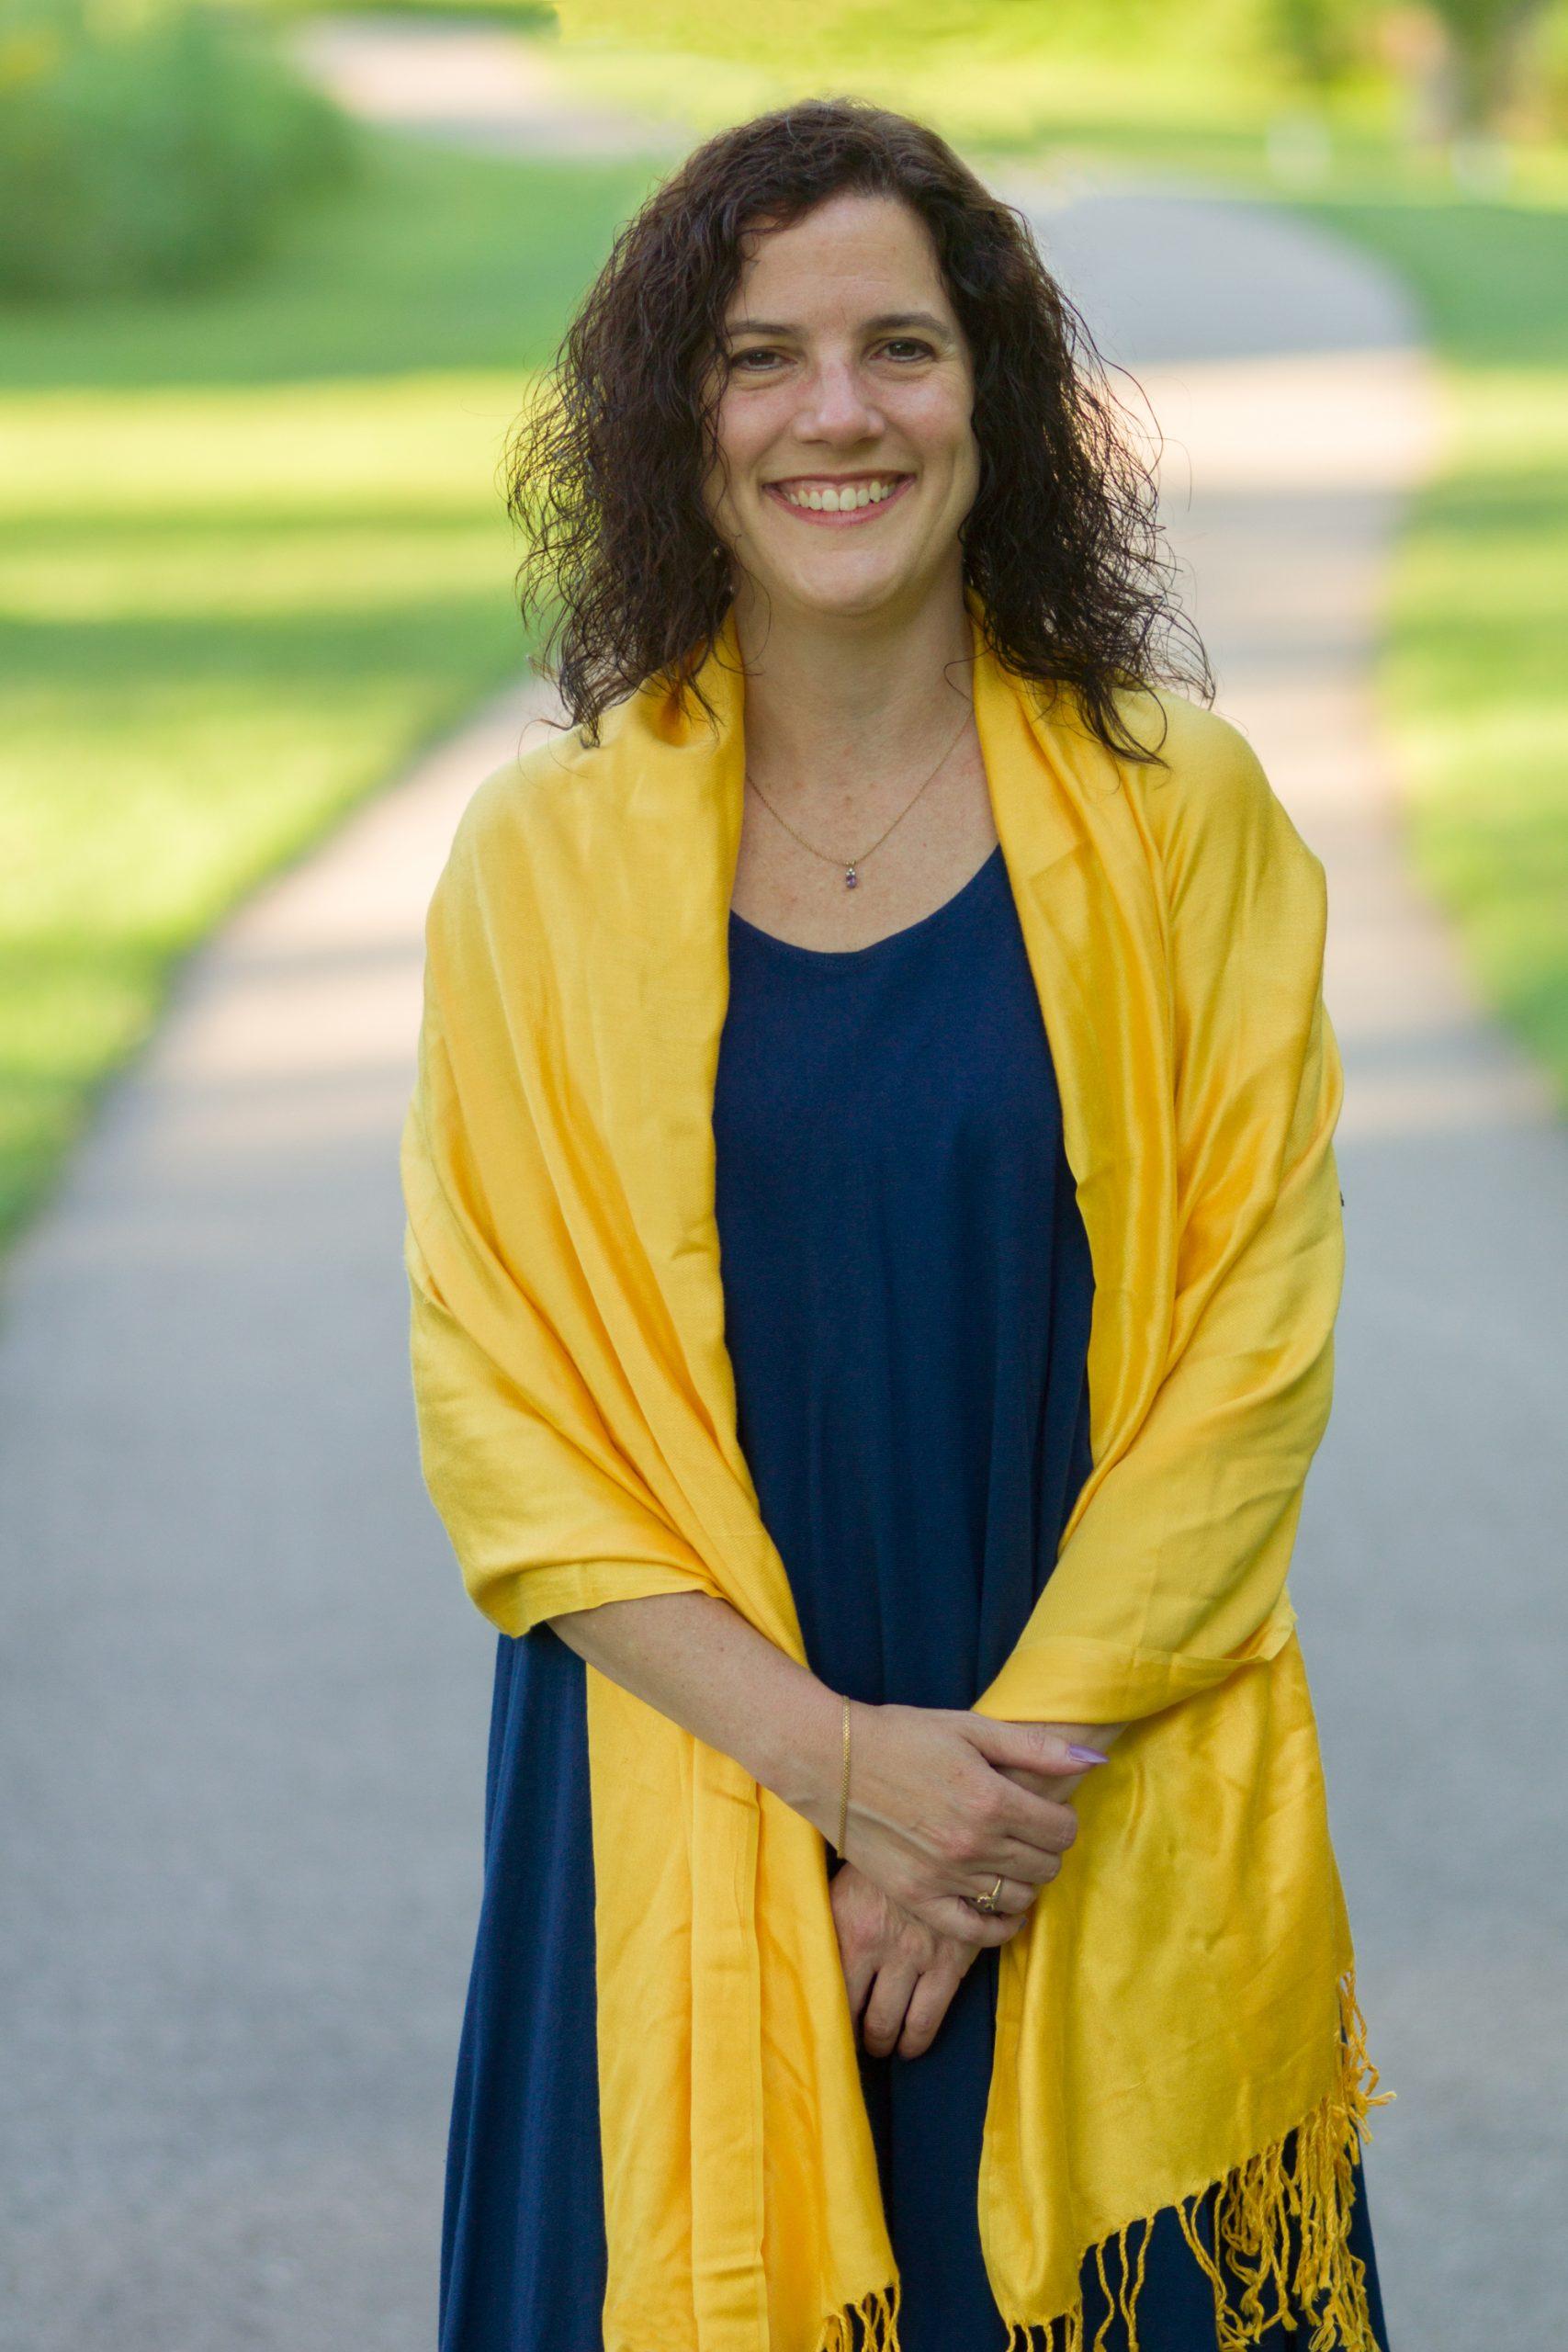 Nicole Burgess Soul-Led Leadership Coach for HSP Women Entrepreneurs